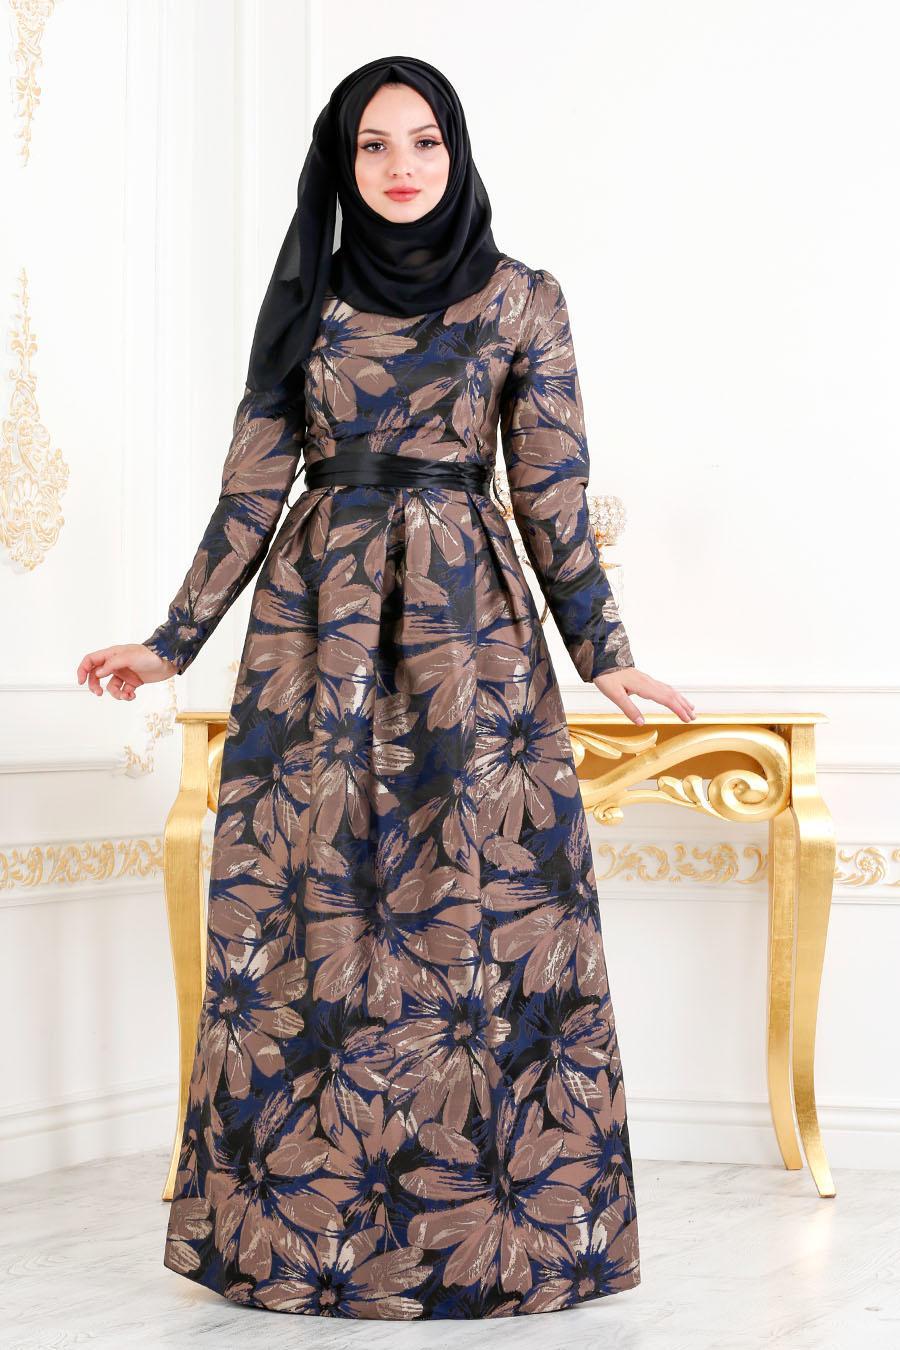 Tesettürlü Abiye Elbise - Jakarlı Çiçek Desenli Kahverengi Tesettürlü Abiye Elbise 82459KH